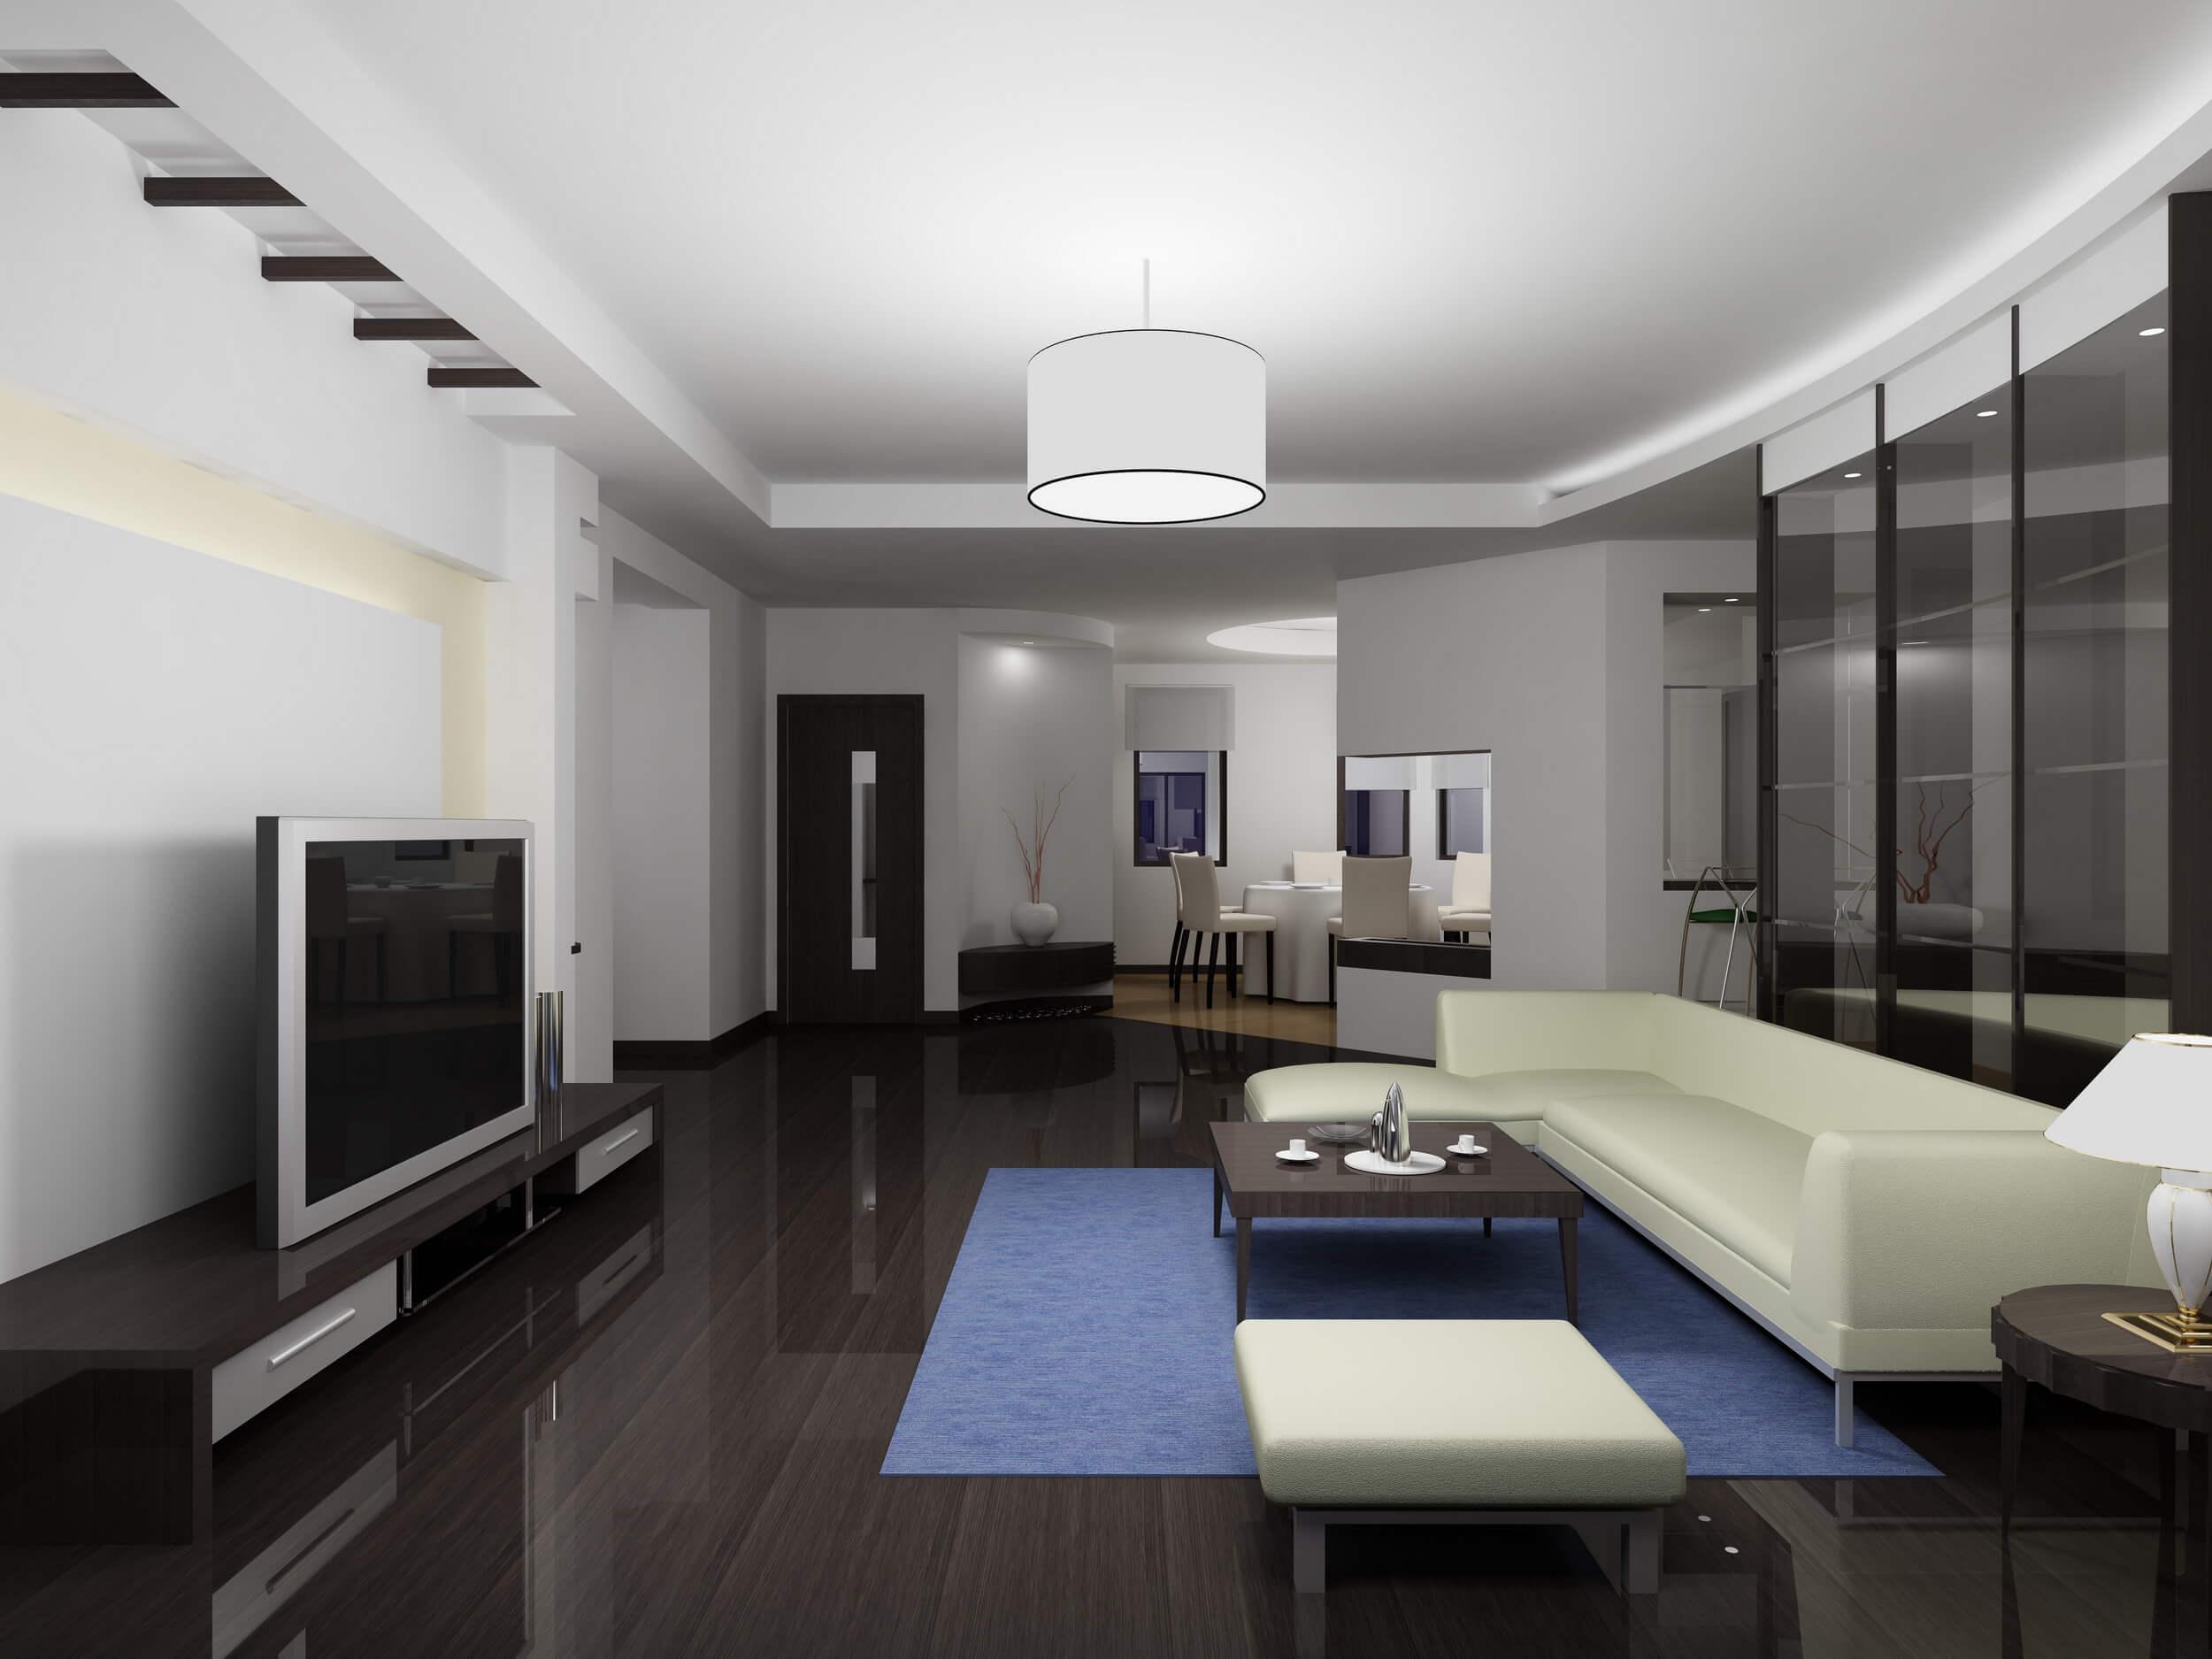 Sửa chữa nhà 75m2 với sự kết hợp khéo léo giữa phòng khách nhà bếp và bàn ăn khiến ngôi nhà thoáng đãng và rộng rãi hơn.